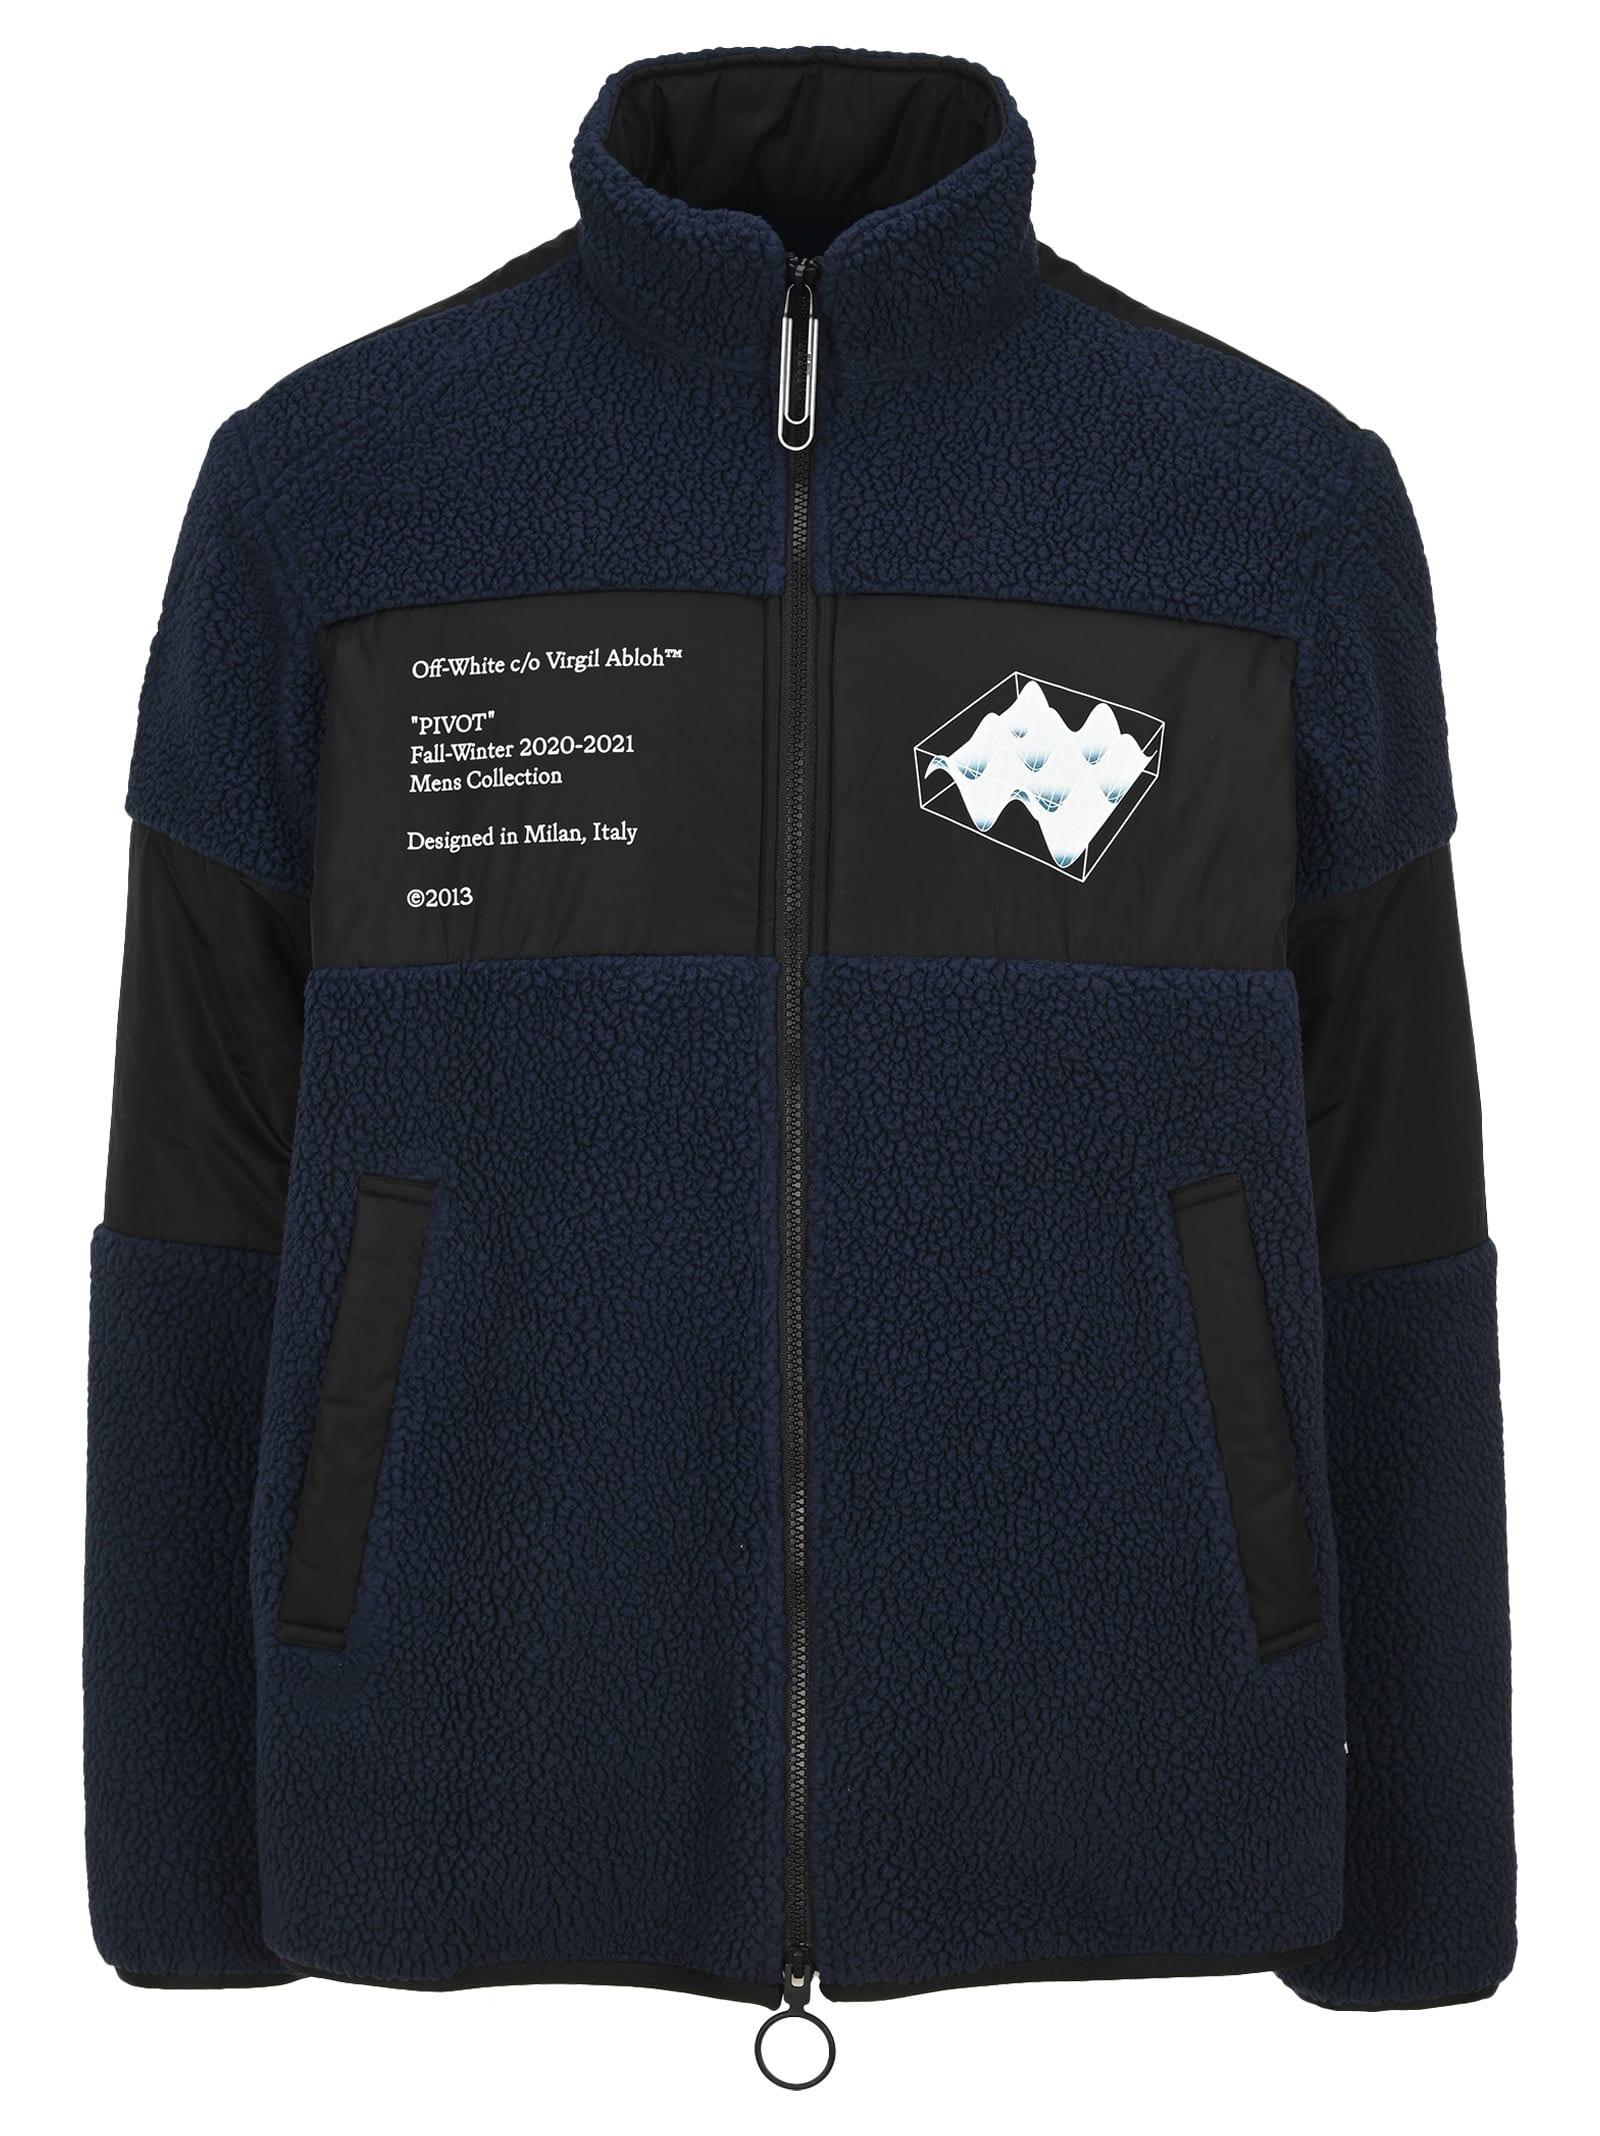 Off White Polar Jacket